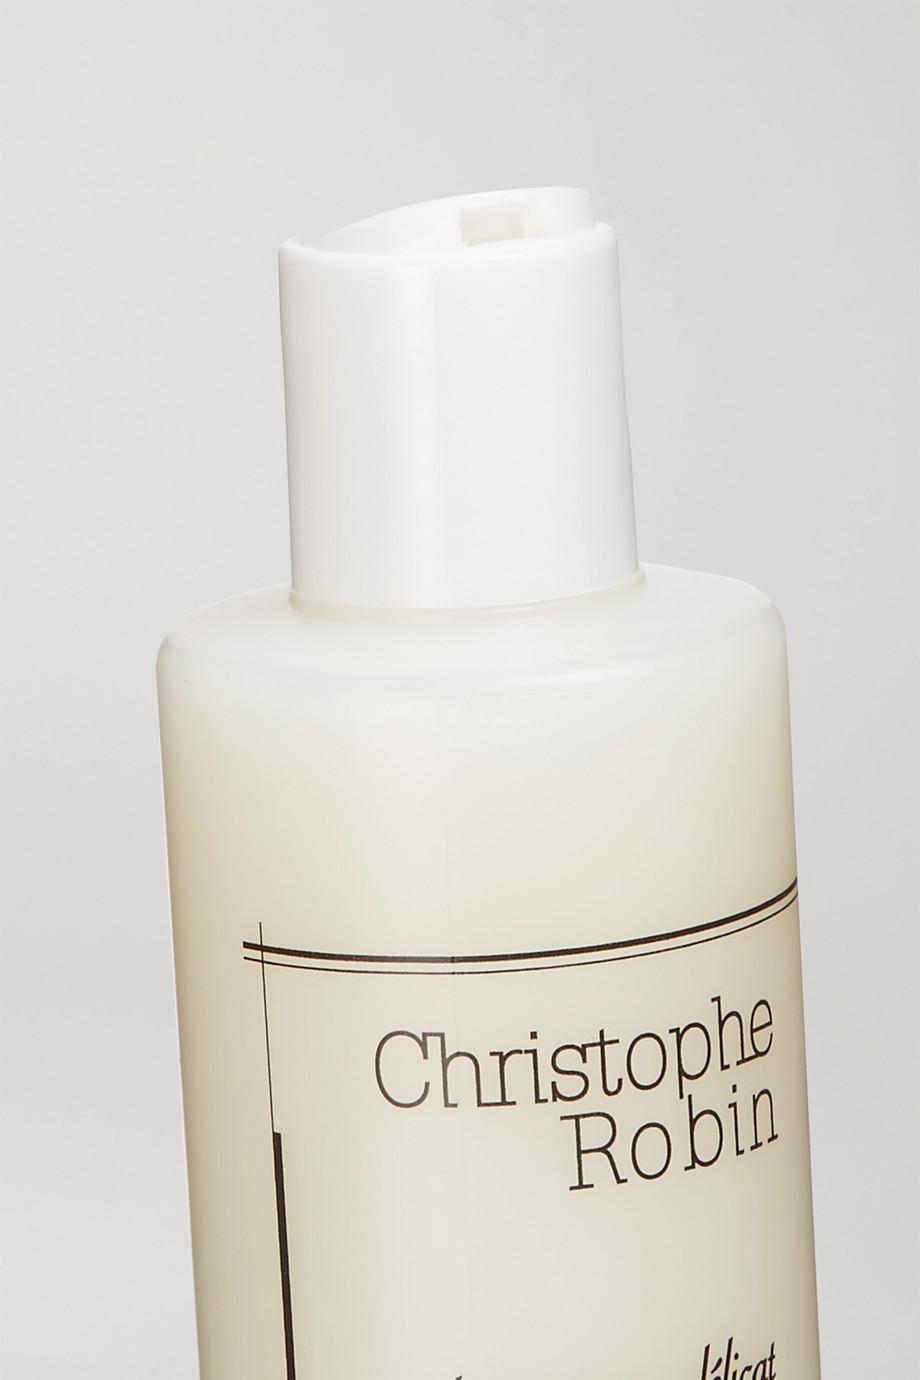 Christophe Robin Delicate Volumizing Shampoo, 250 ml – Volumenshampoo